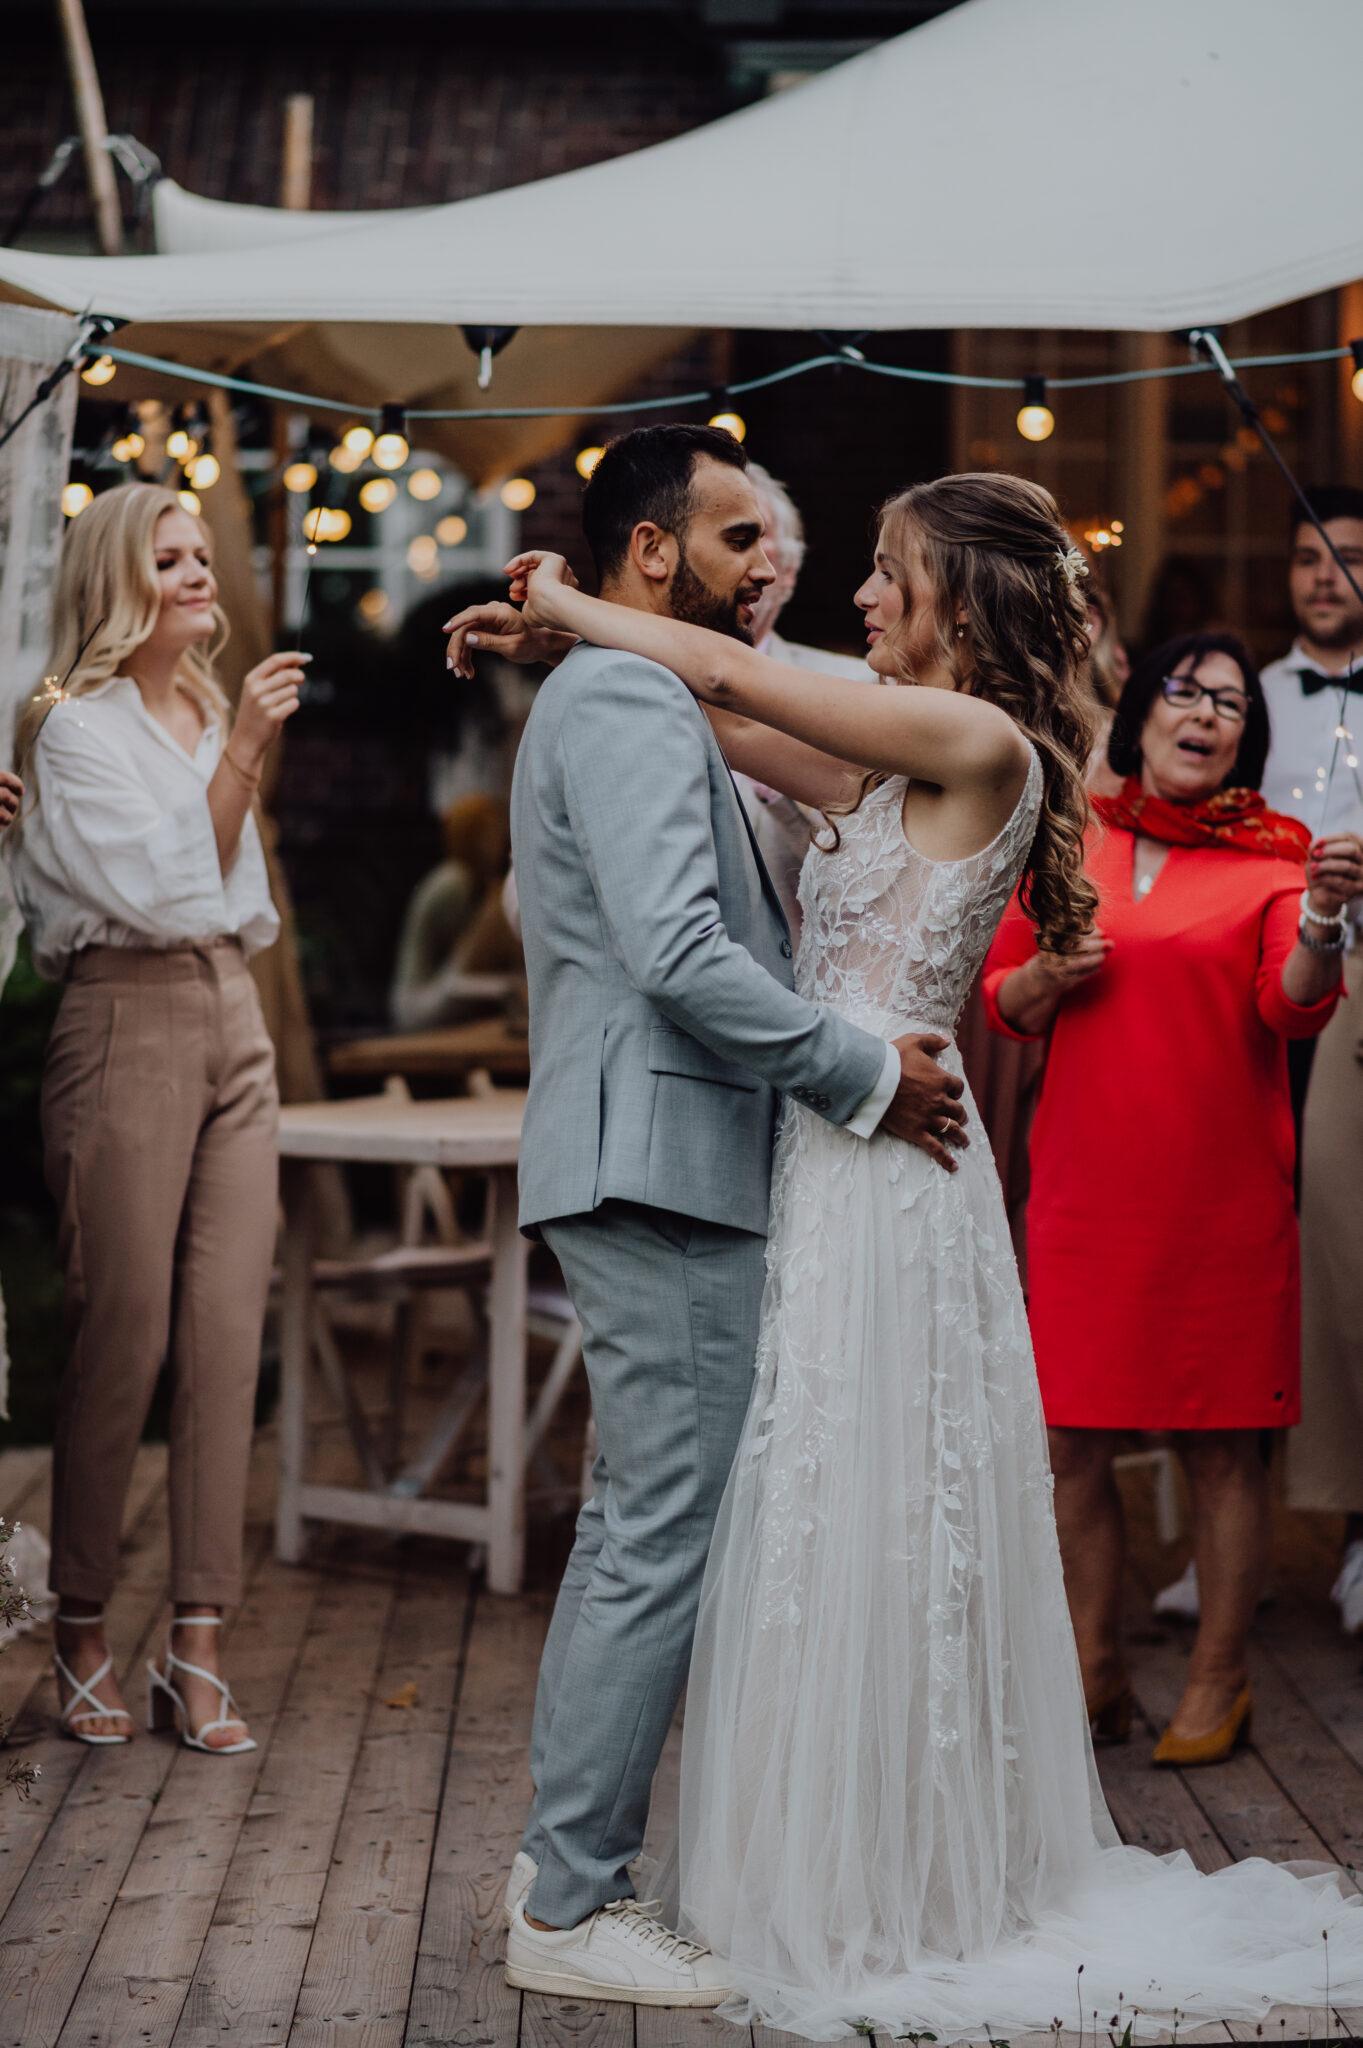 Hochzeitstanz unter Freunden